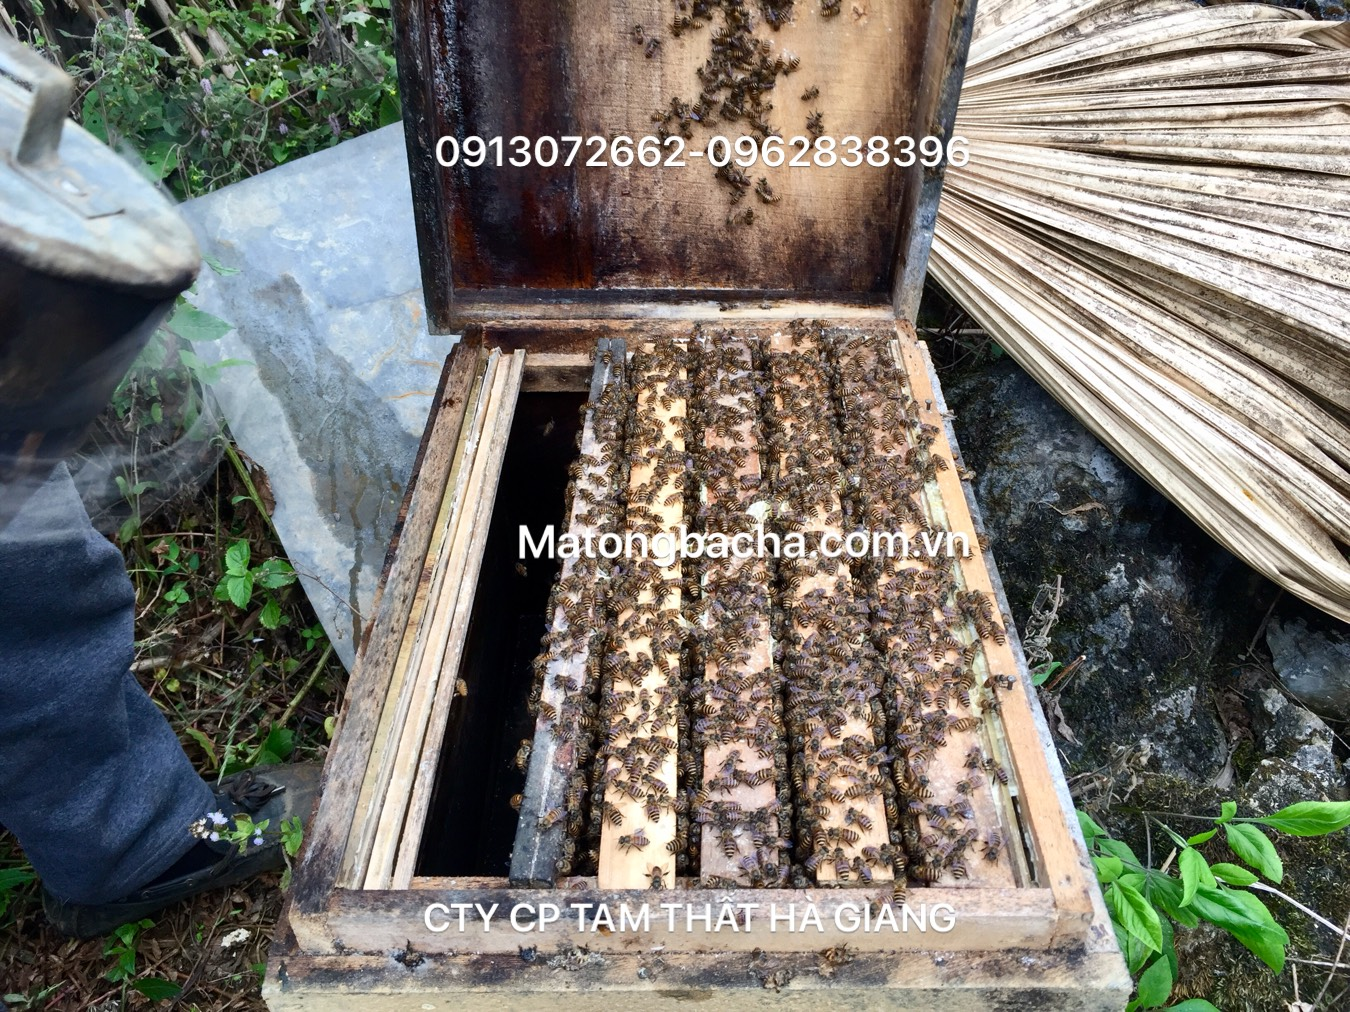 Ong nội được người dân bản địa nuôi từ lâu đời